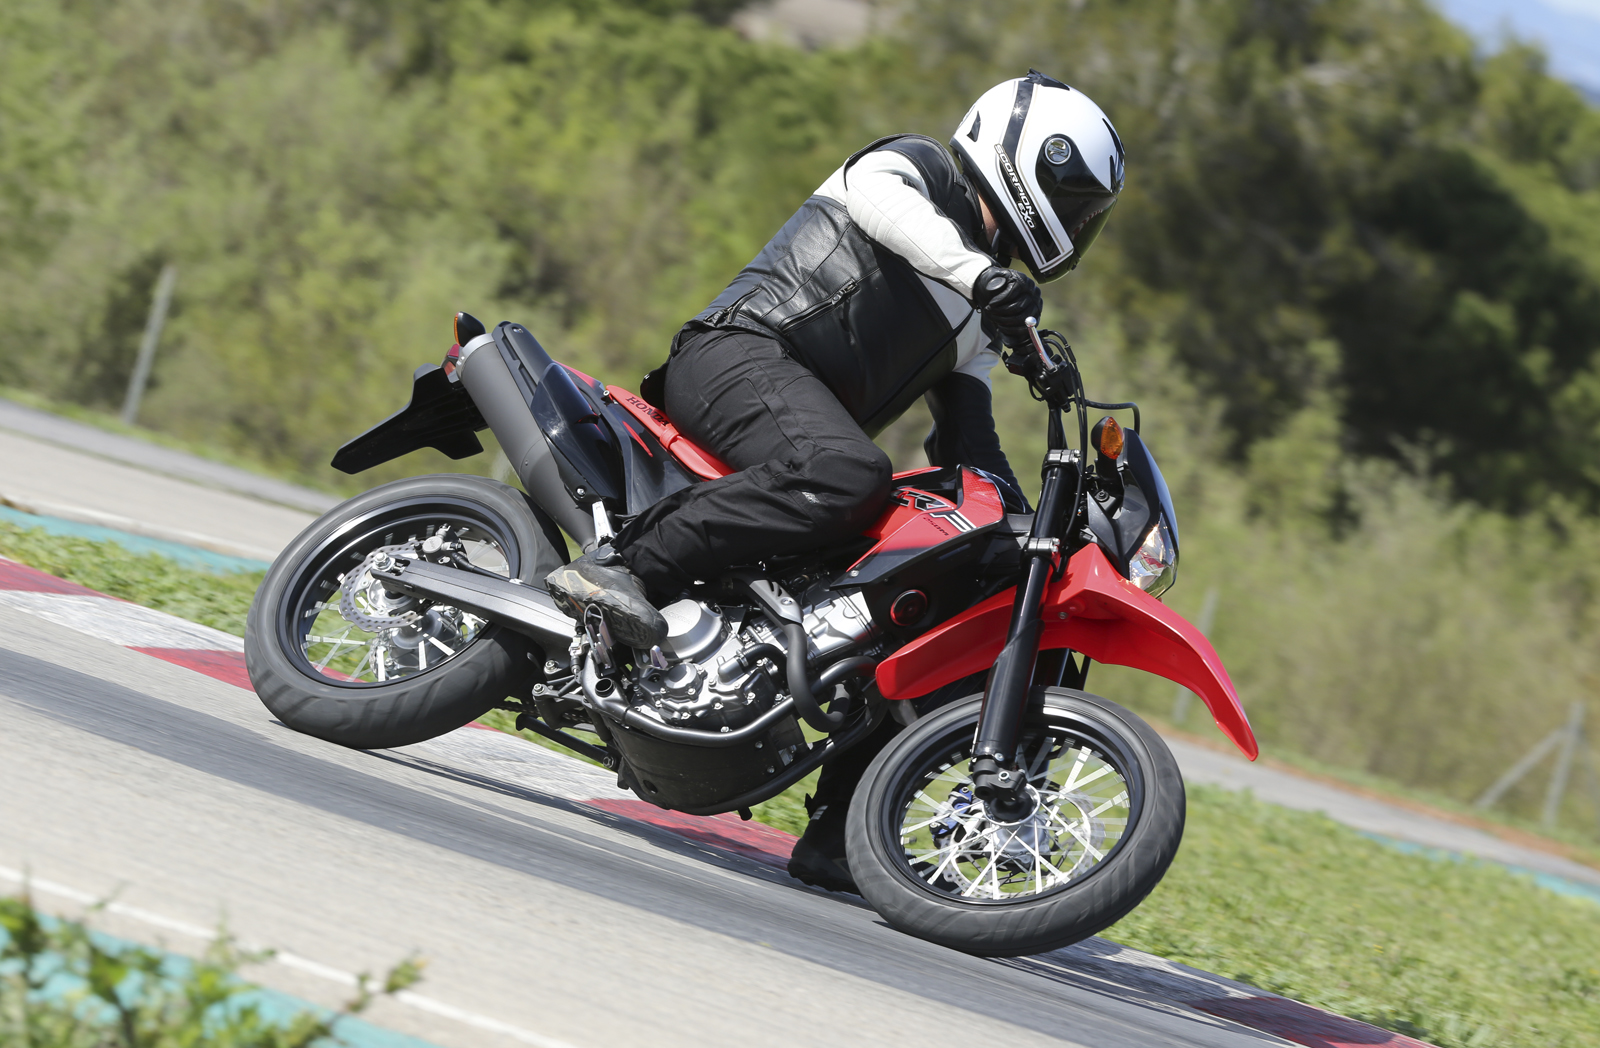 moto motard nuovi modelli, informazioni e prezzi - insella.it